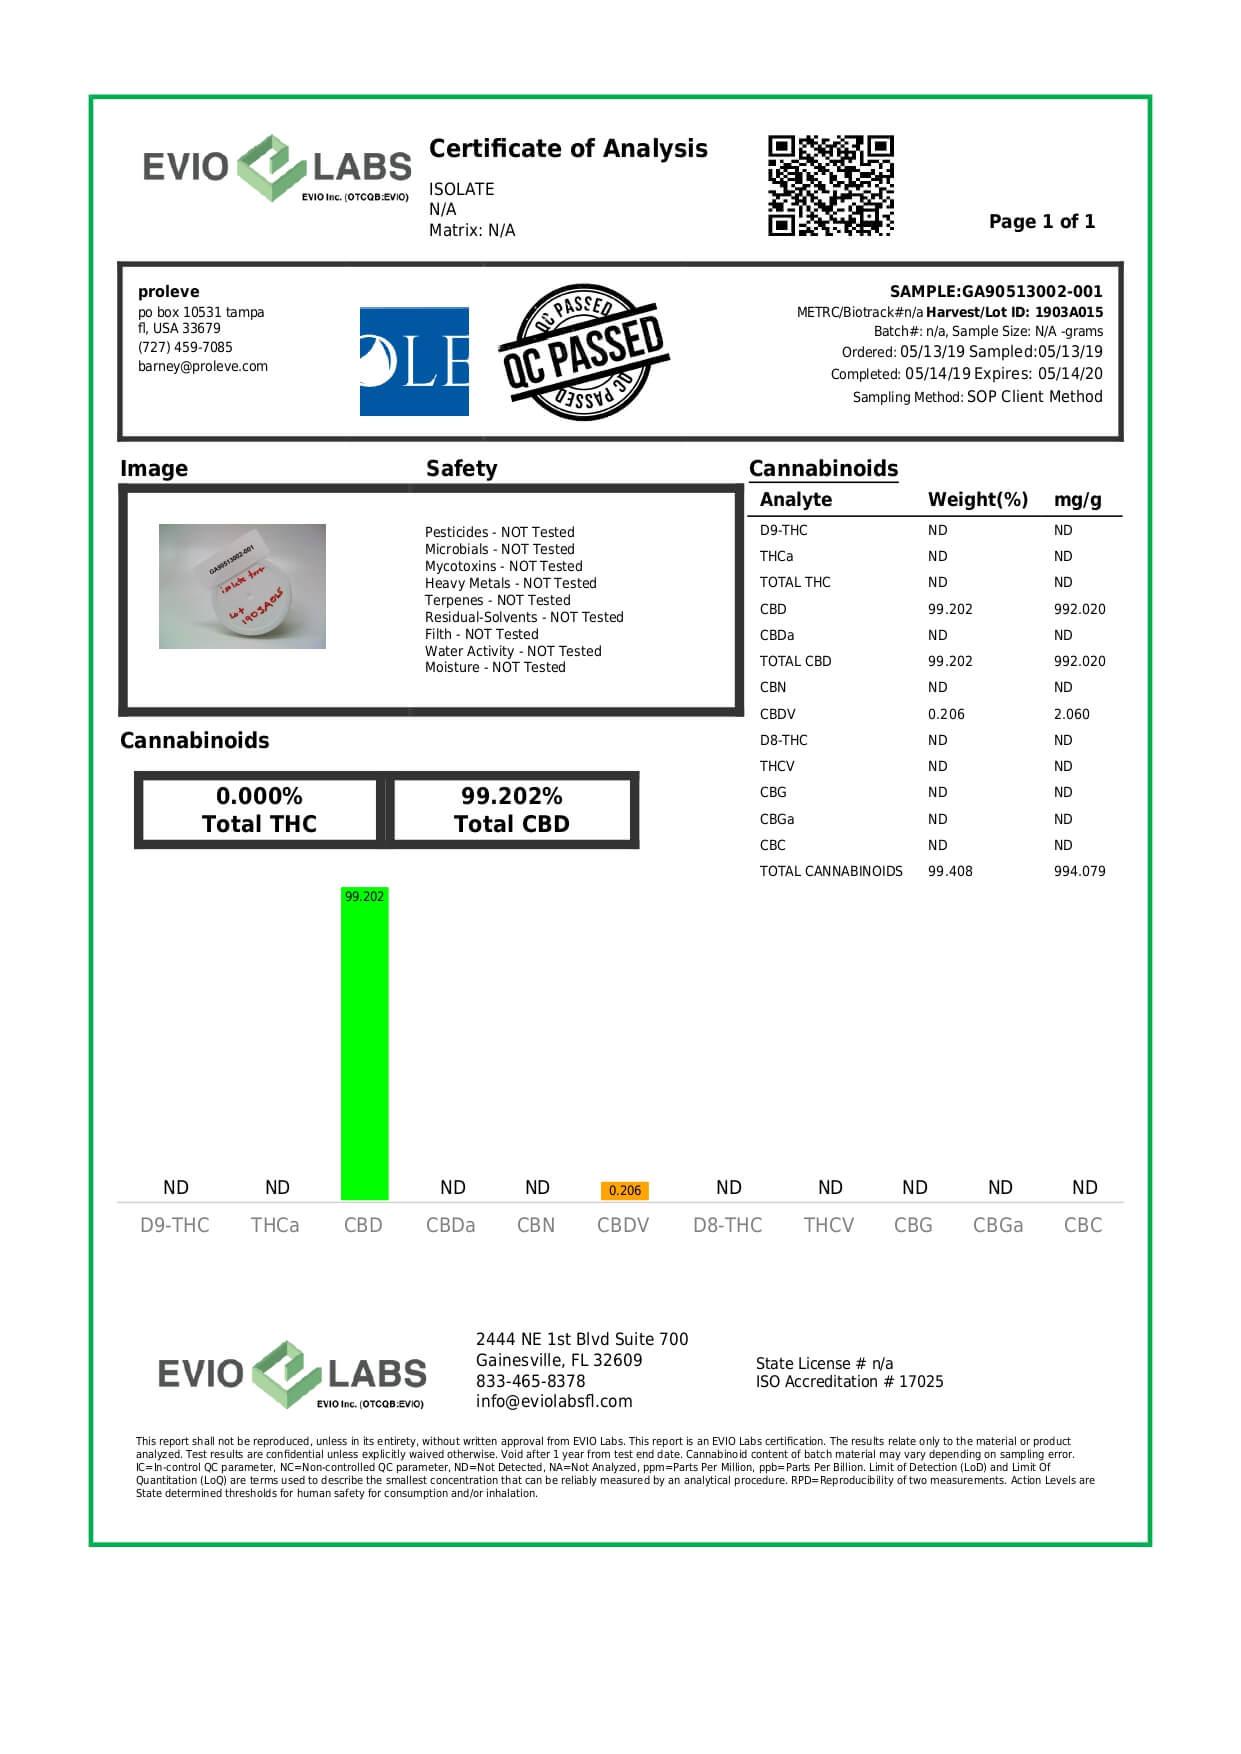 Proleve CBD Concentrate Pure CBD Isolate Powder Lab Report